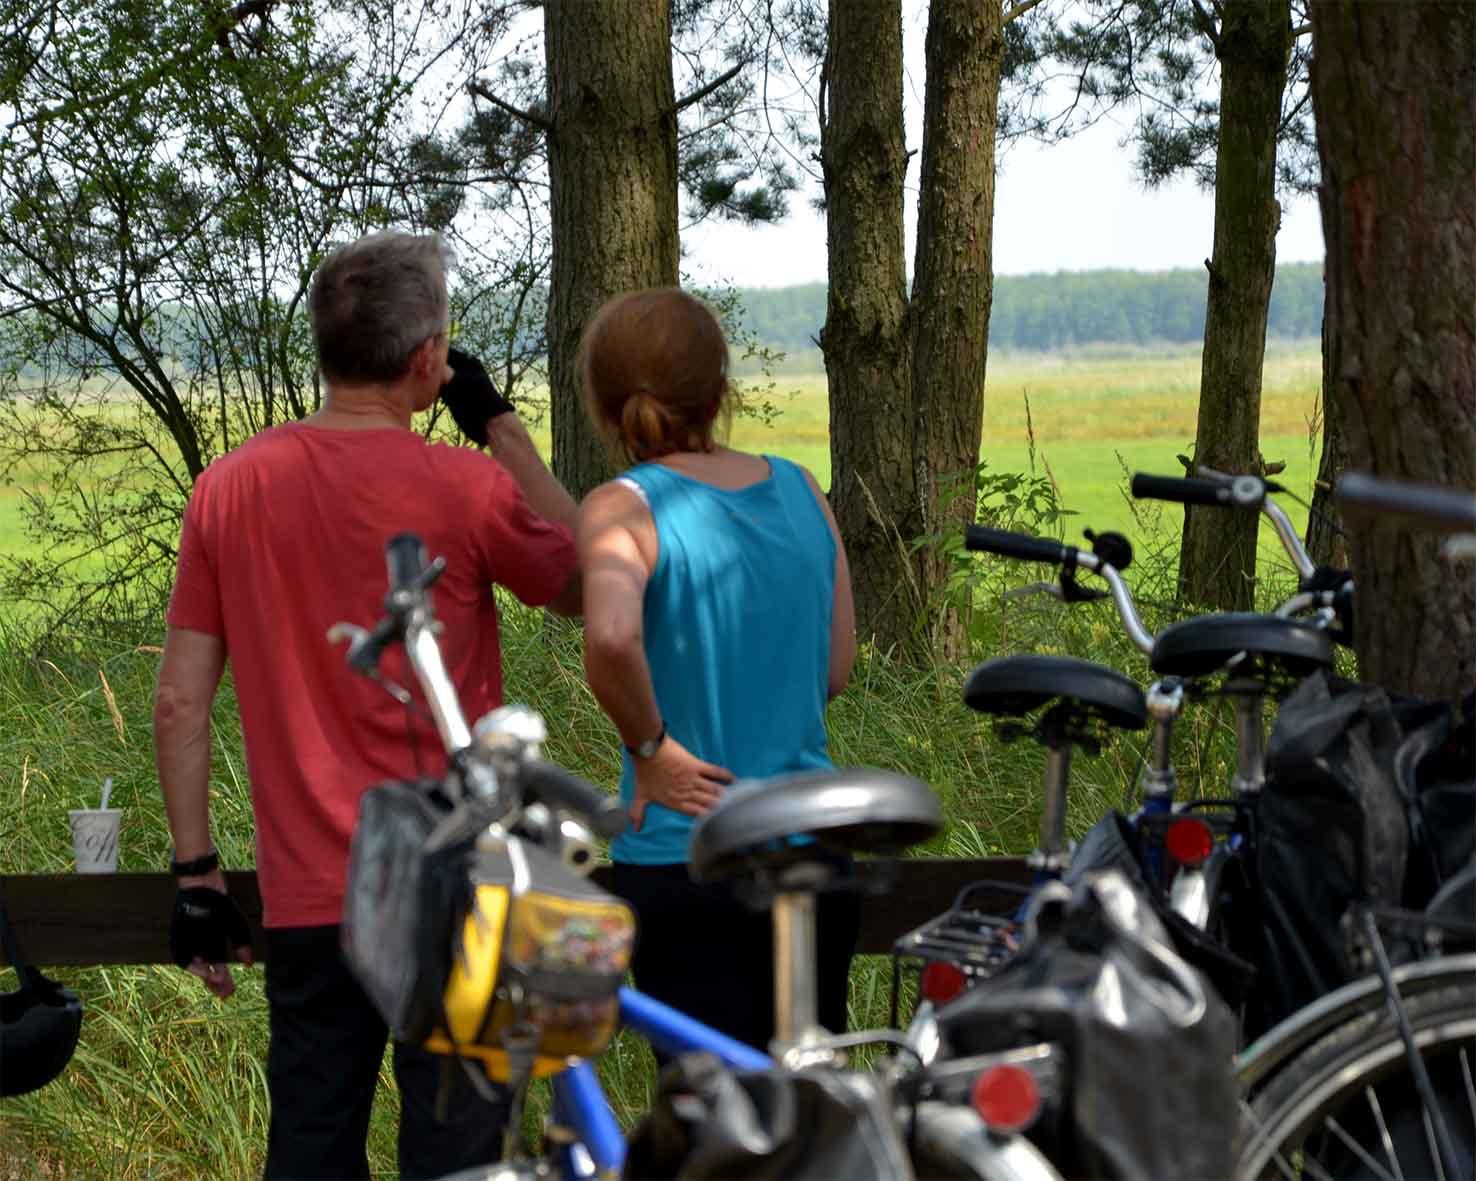 Radreise Polen, Baltikum, GKMI, Fot. 4, A. Szorc